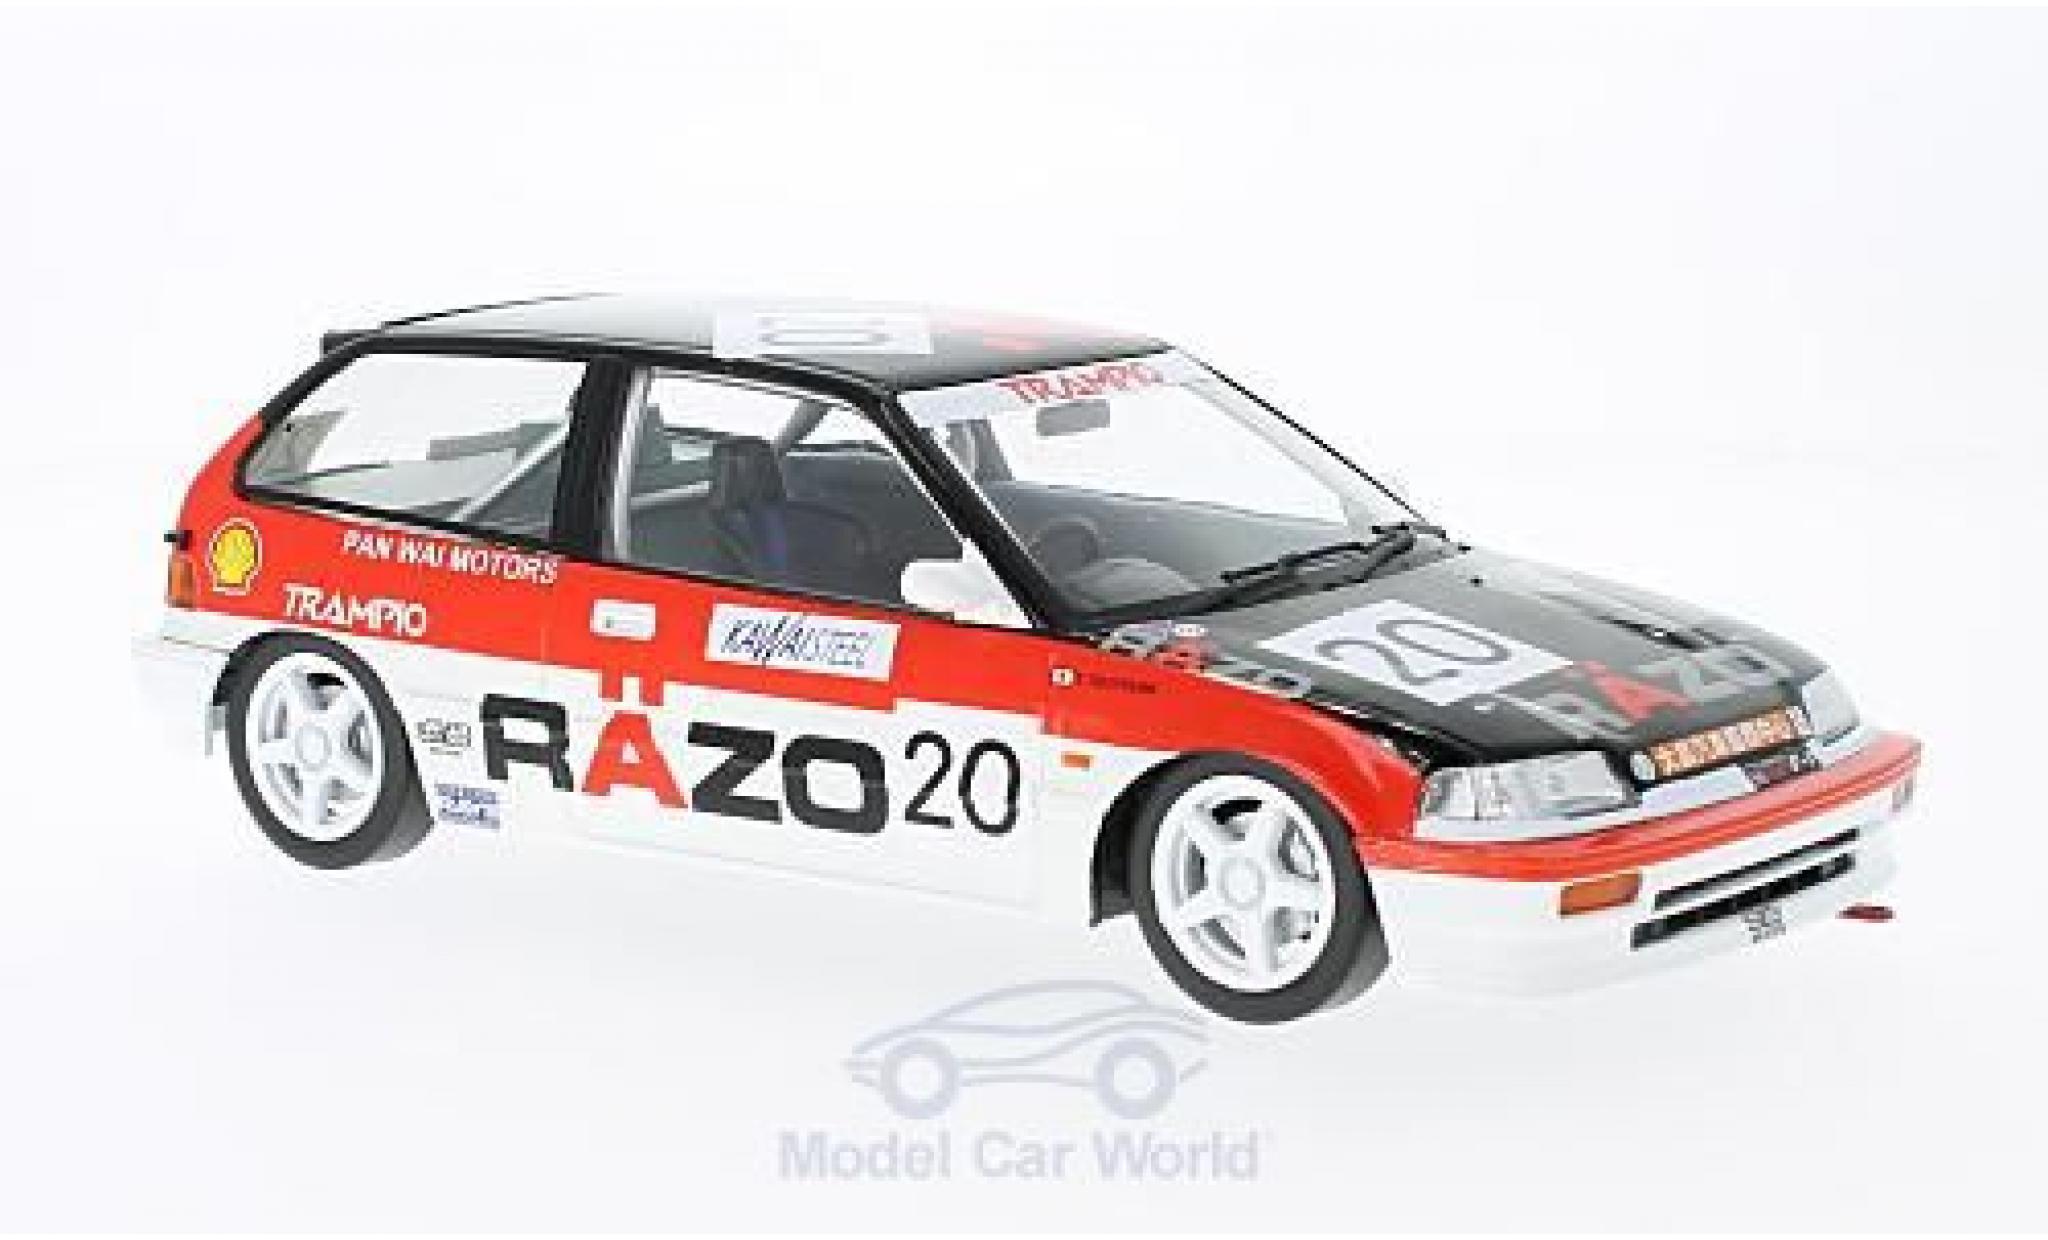 Honda Civic 1/18 Triple 9 Collection EF3 RHD No.20 Razo Trampio GP Macau 1989 ohne Vitrine